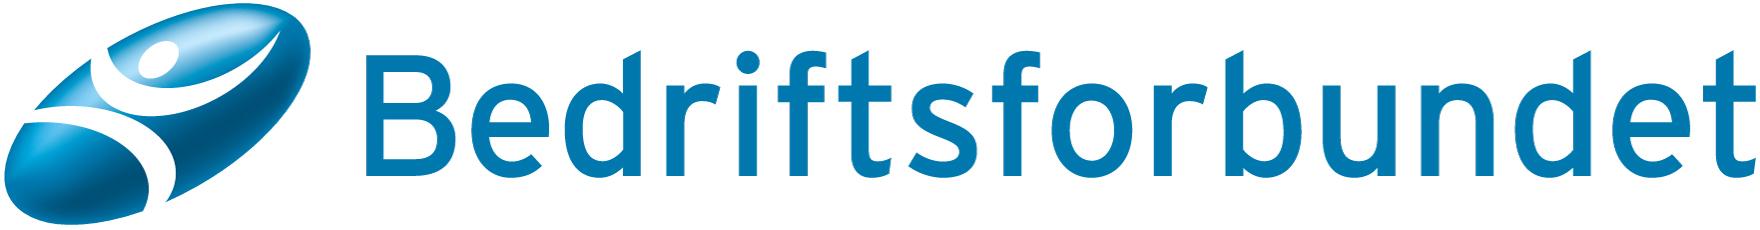 Bedriftsforbundet-logo-RGB-Stor